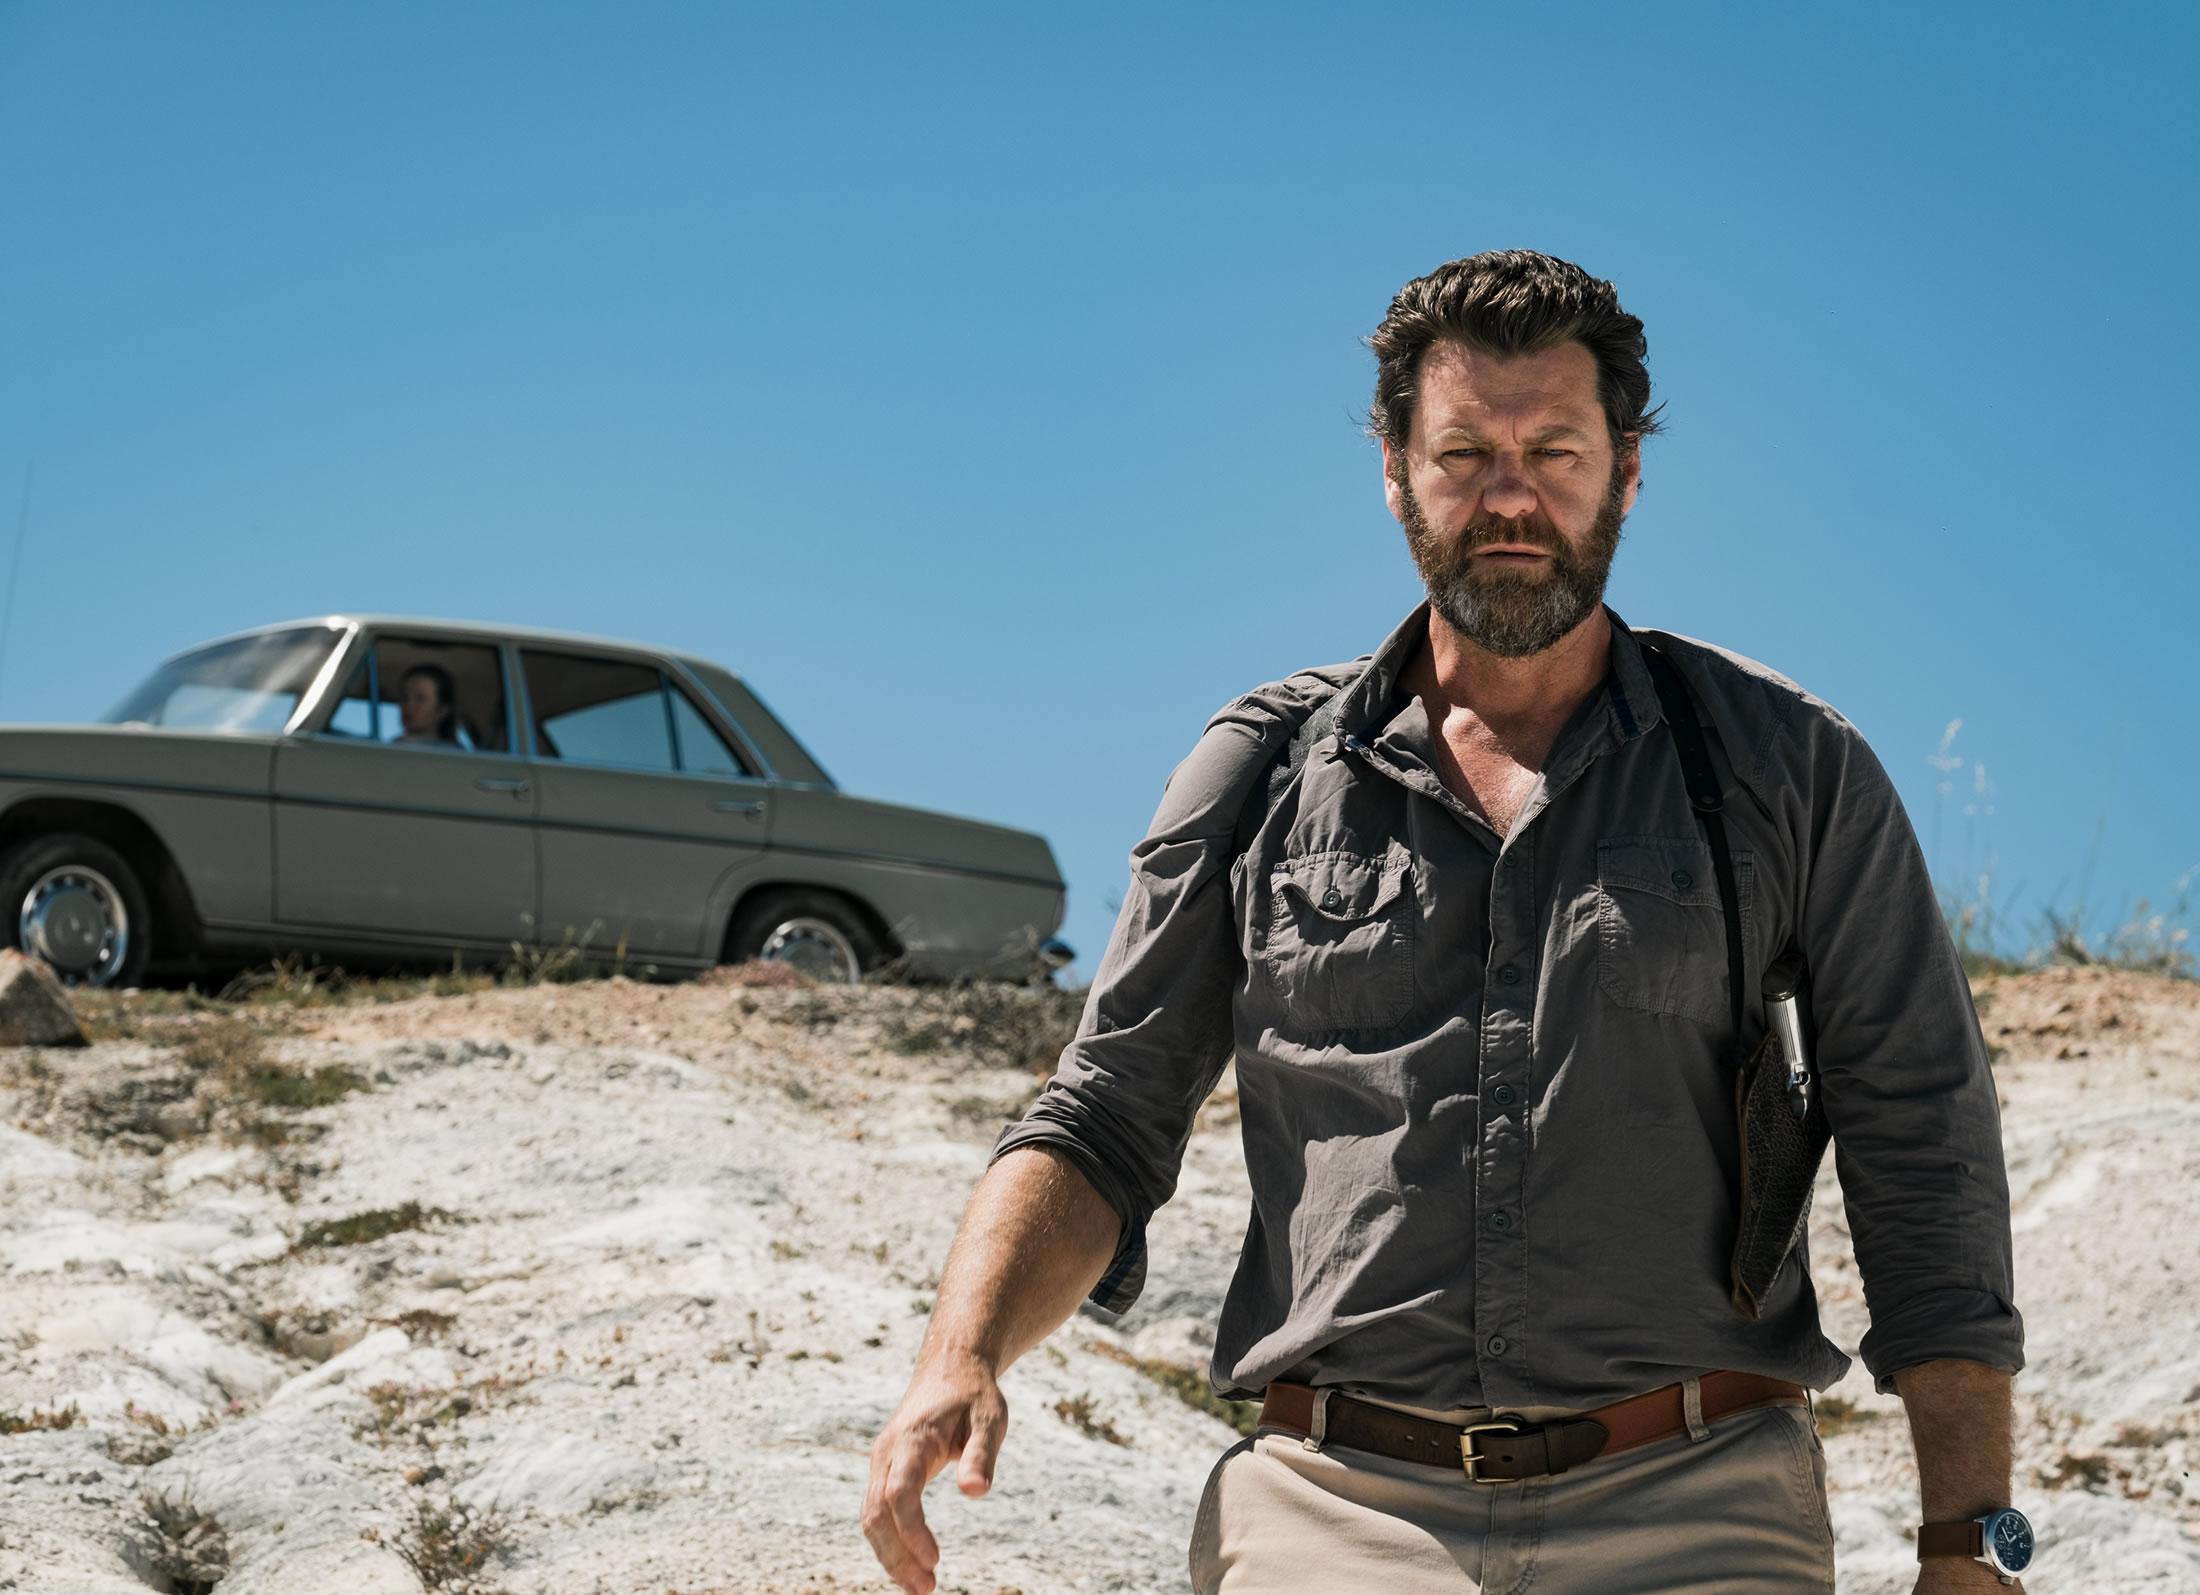 20181101-HC-Jonty-Acton-Greg-Lumley-Movie-Still-Africa.jpg